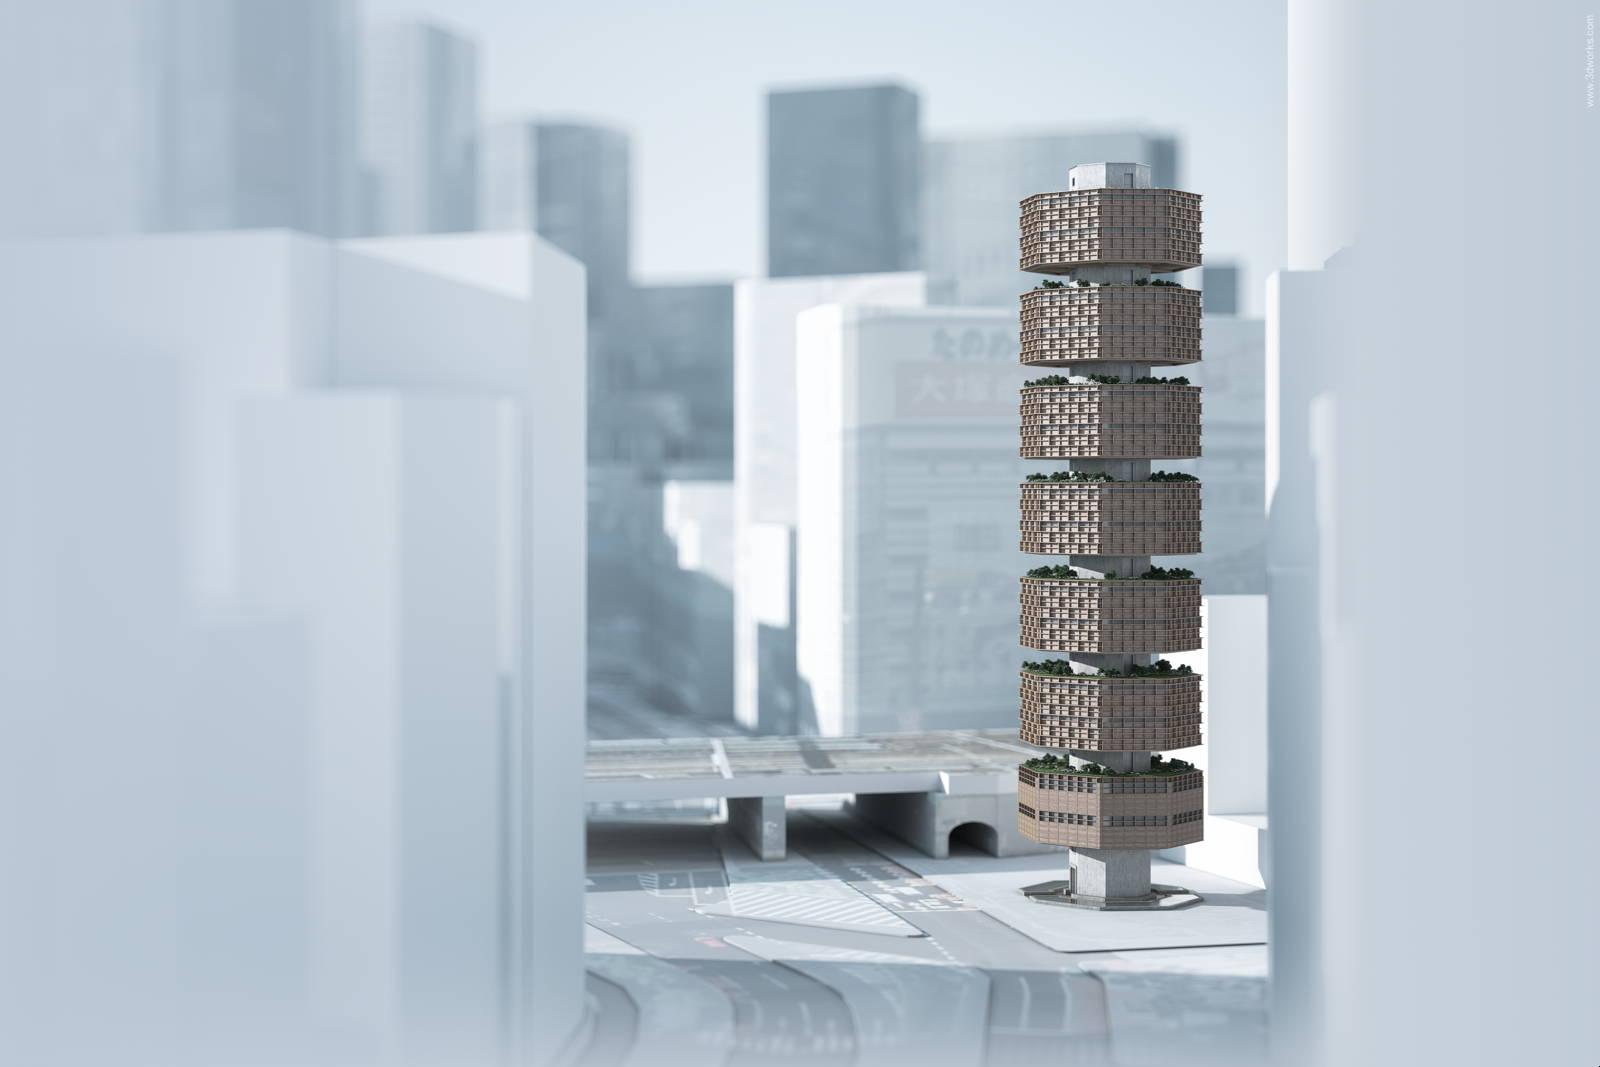 """""""Tokyo Vertical Cemetery"""", Wettbewerbsperspektive - Dreher Architekt, Berlin"""